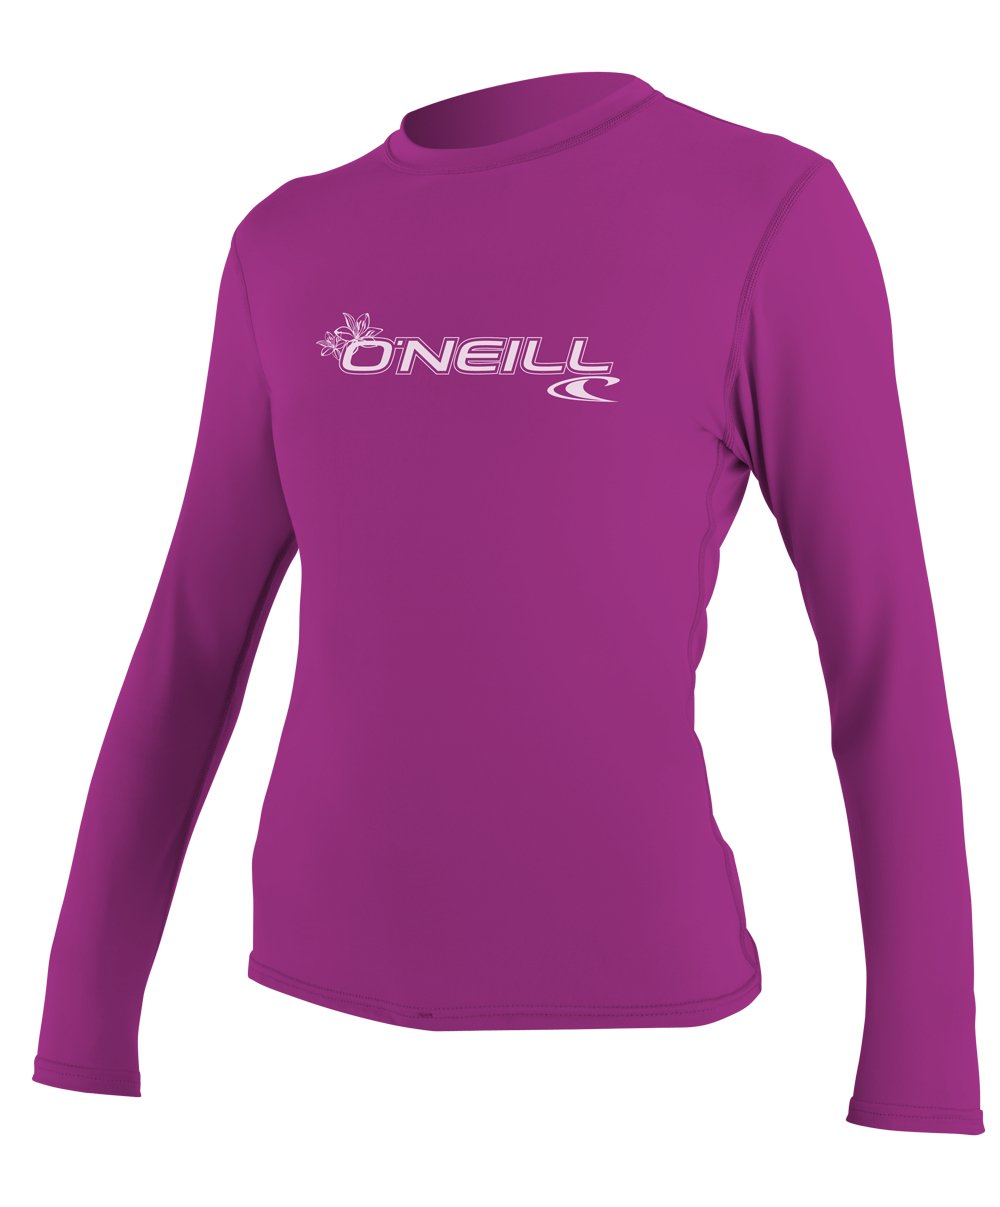 O'Neill Women's Basic Skins Upf 50+ Long Sleeve Sun Shirt O' Neill 4340-002-XL